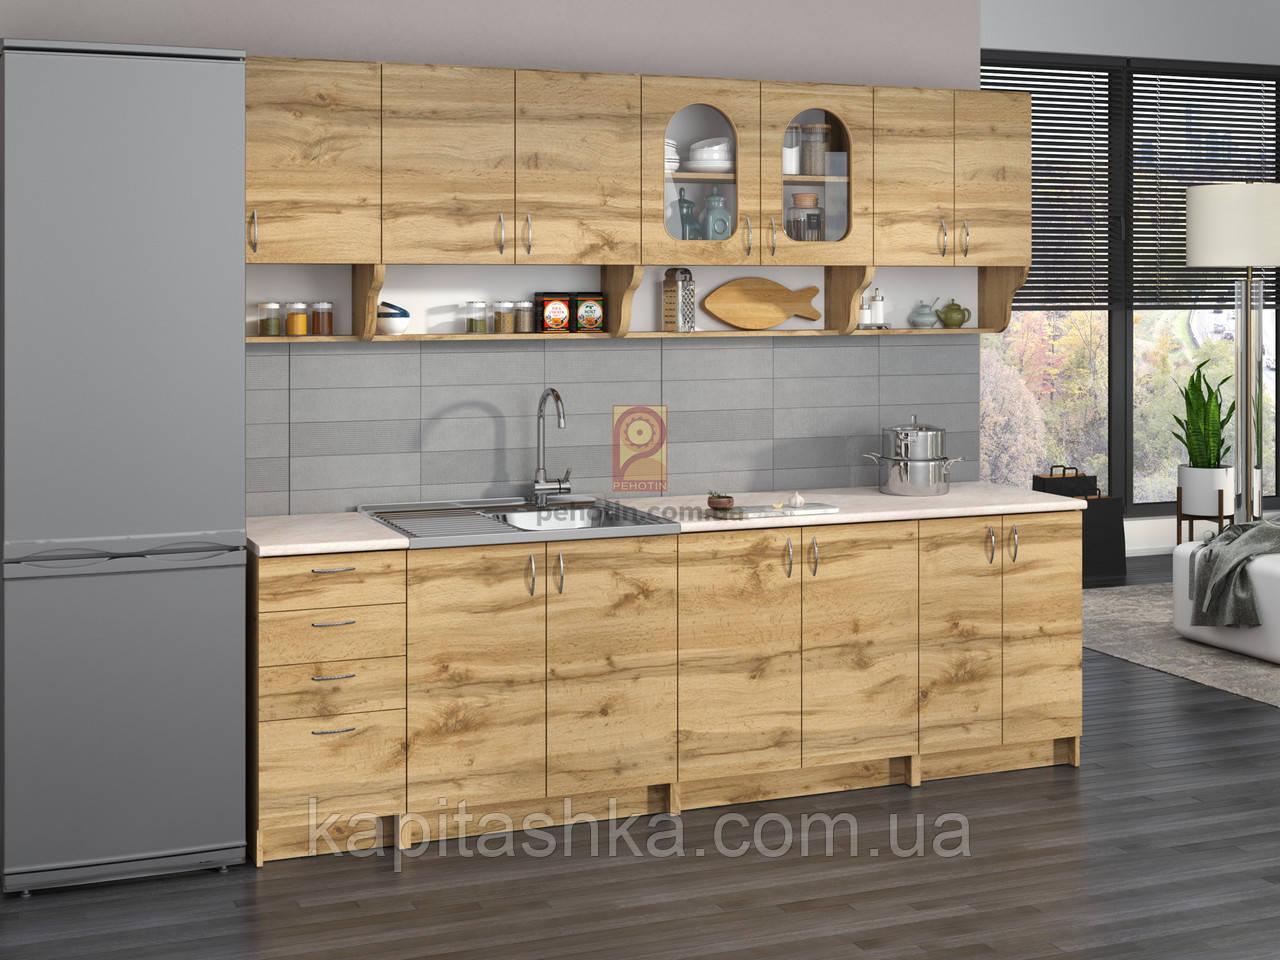 Кухня Вероніка (ДСП) 2 м комплектом і посекційно